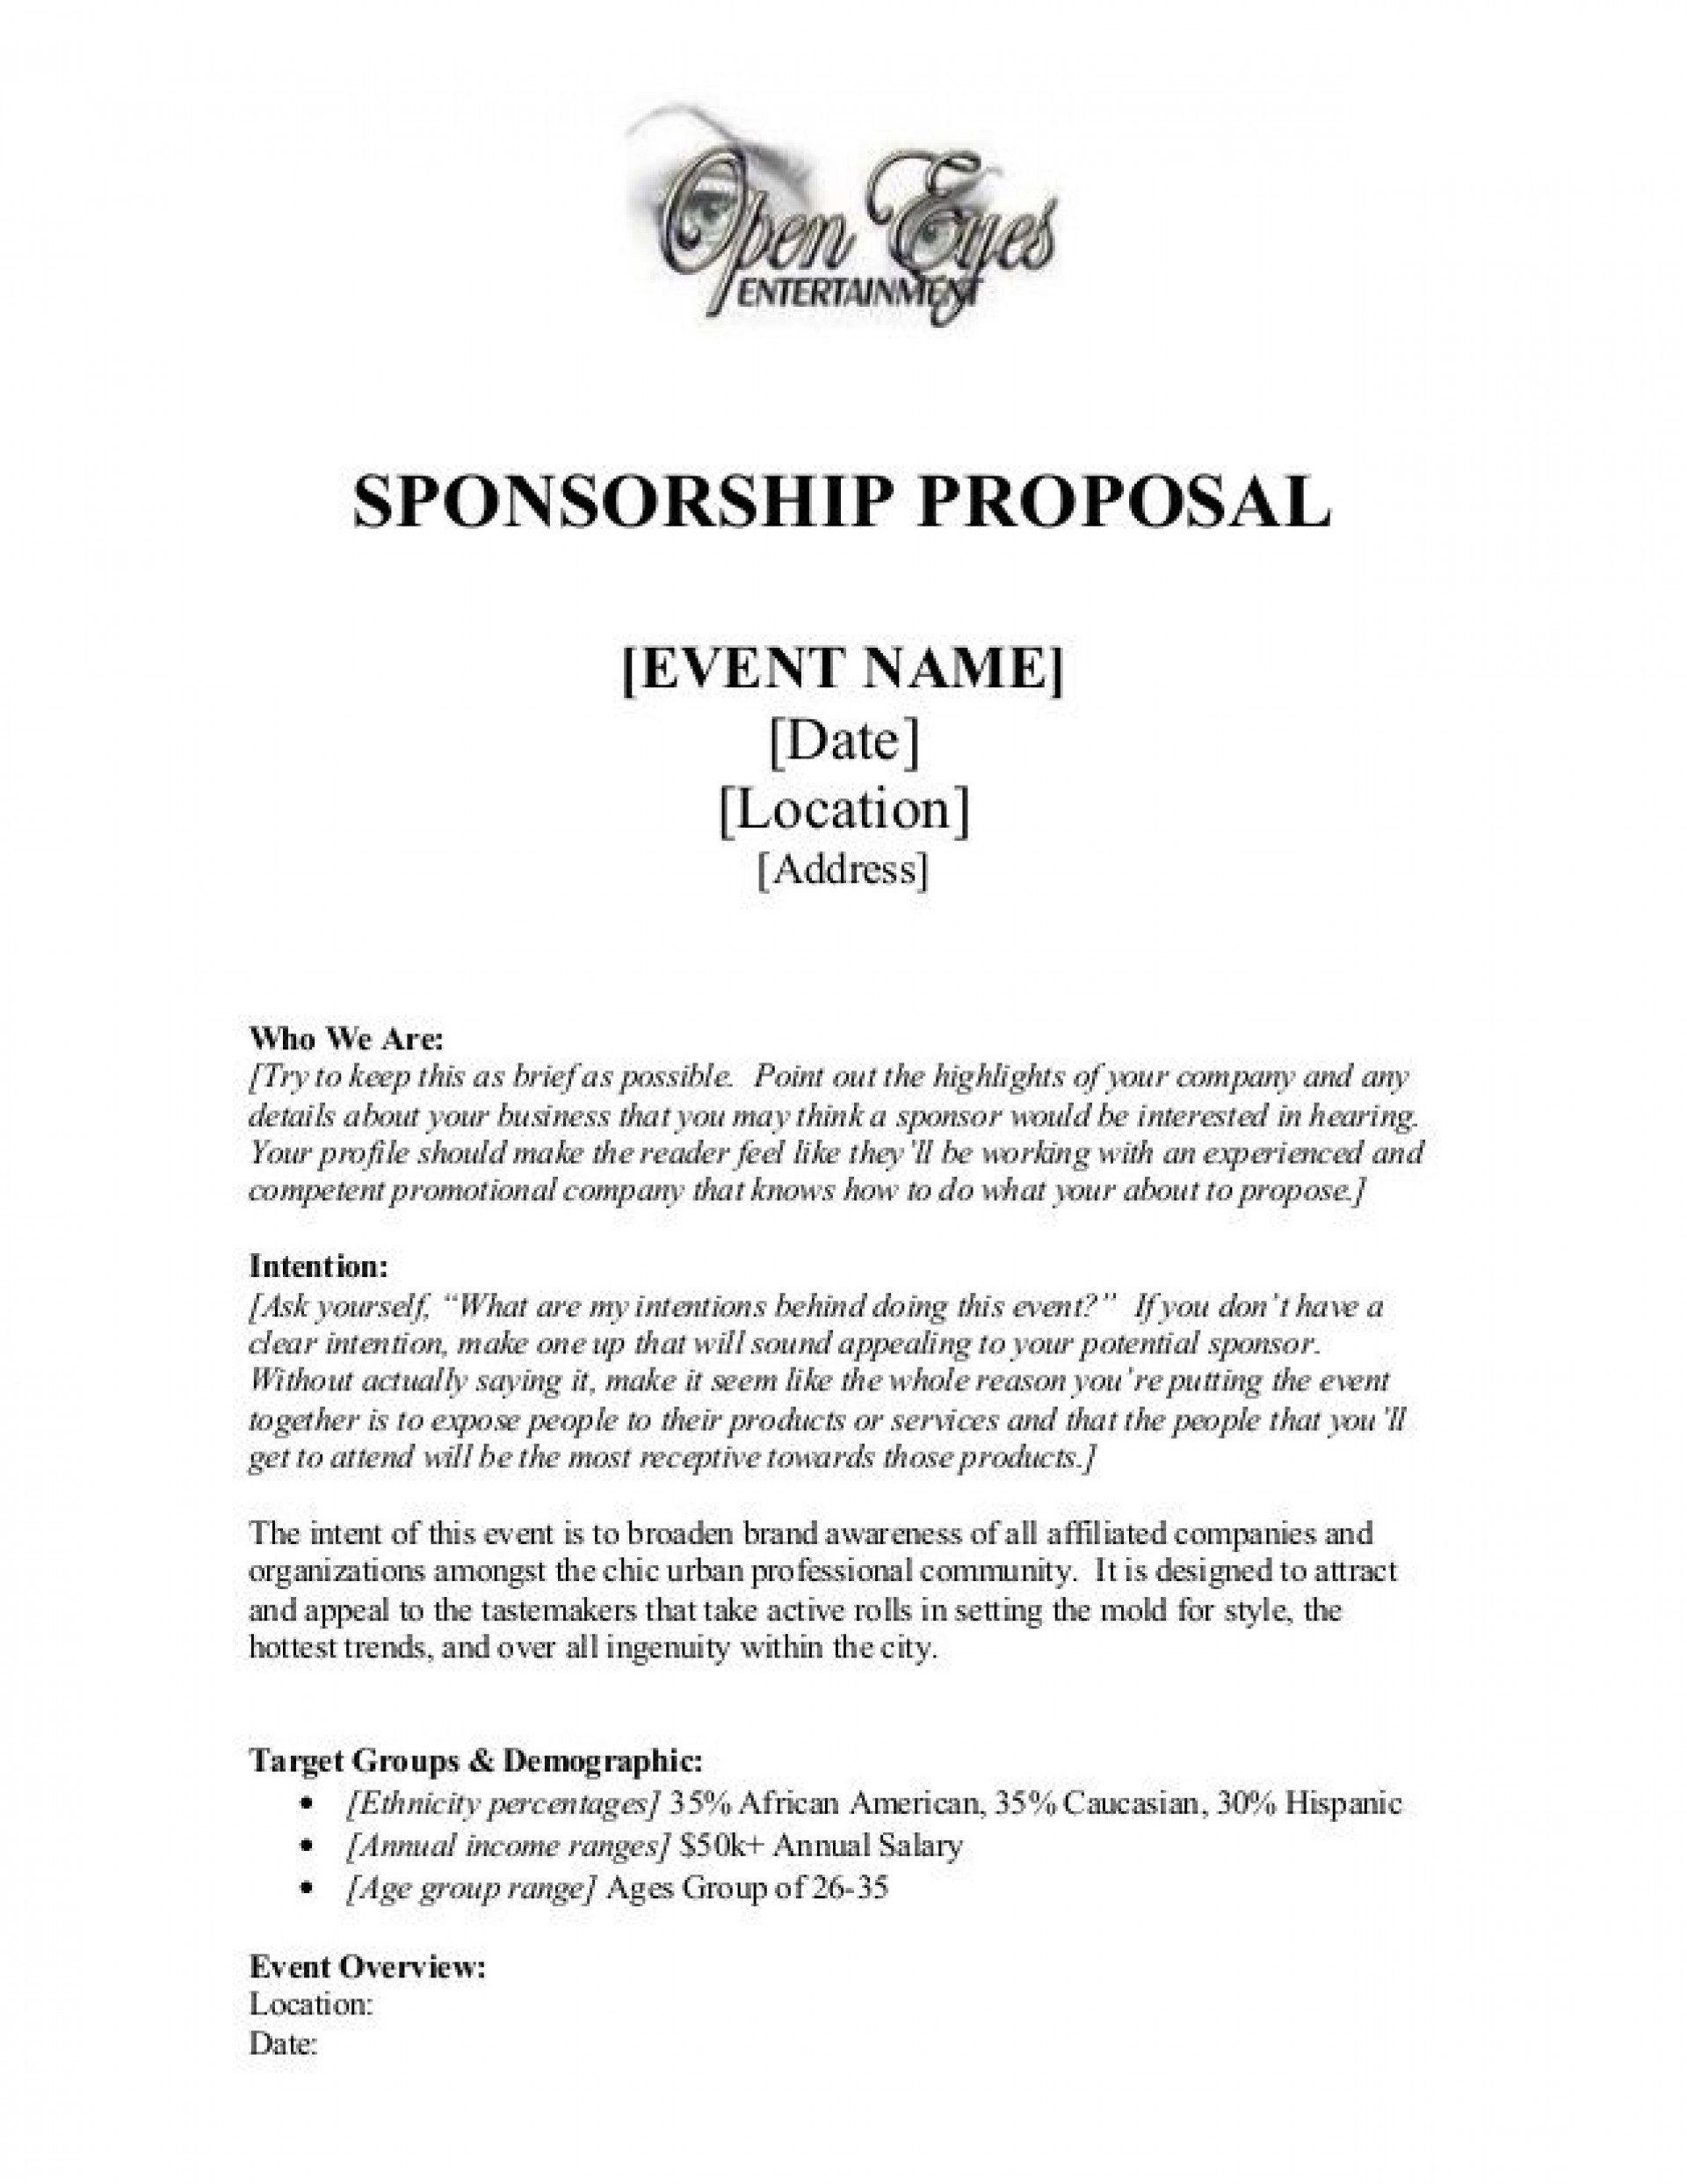 004 Remarkable Event Sponsorship Proposal Sample Pdf High Def  For Letter Music TemplateFull